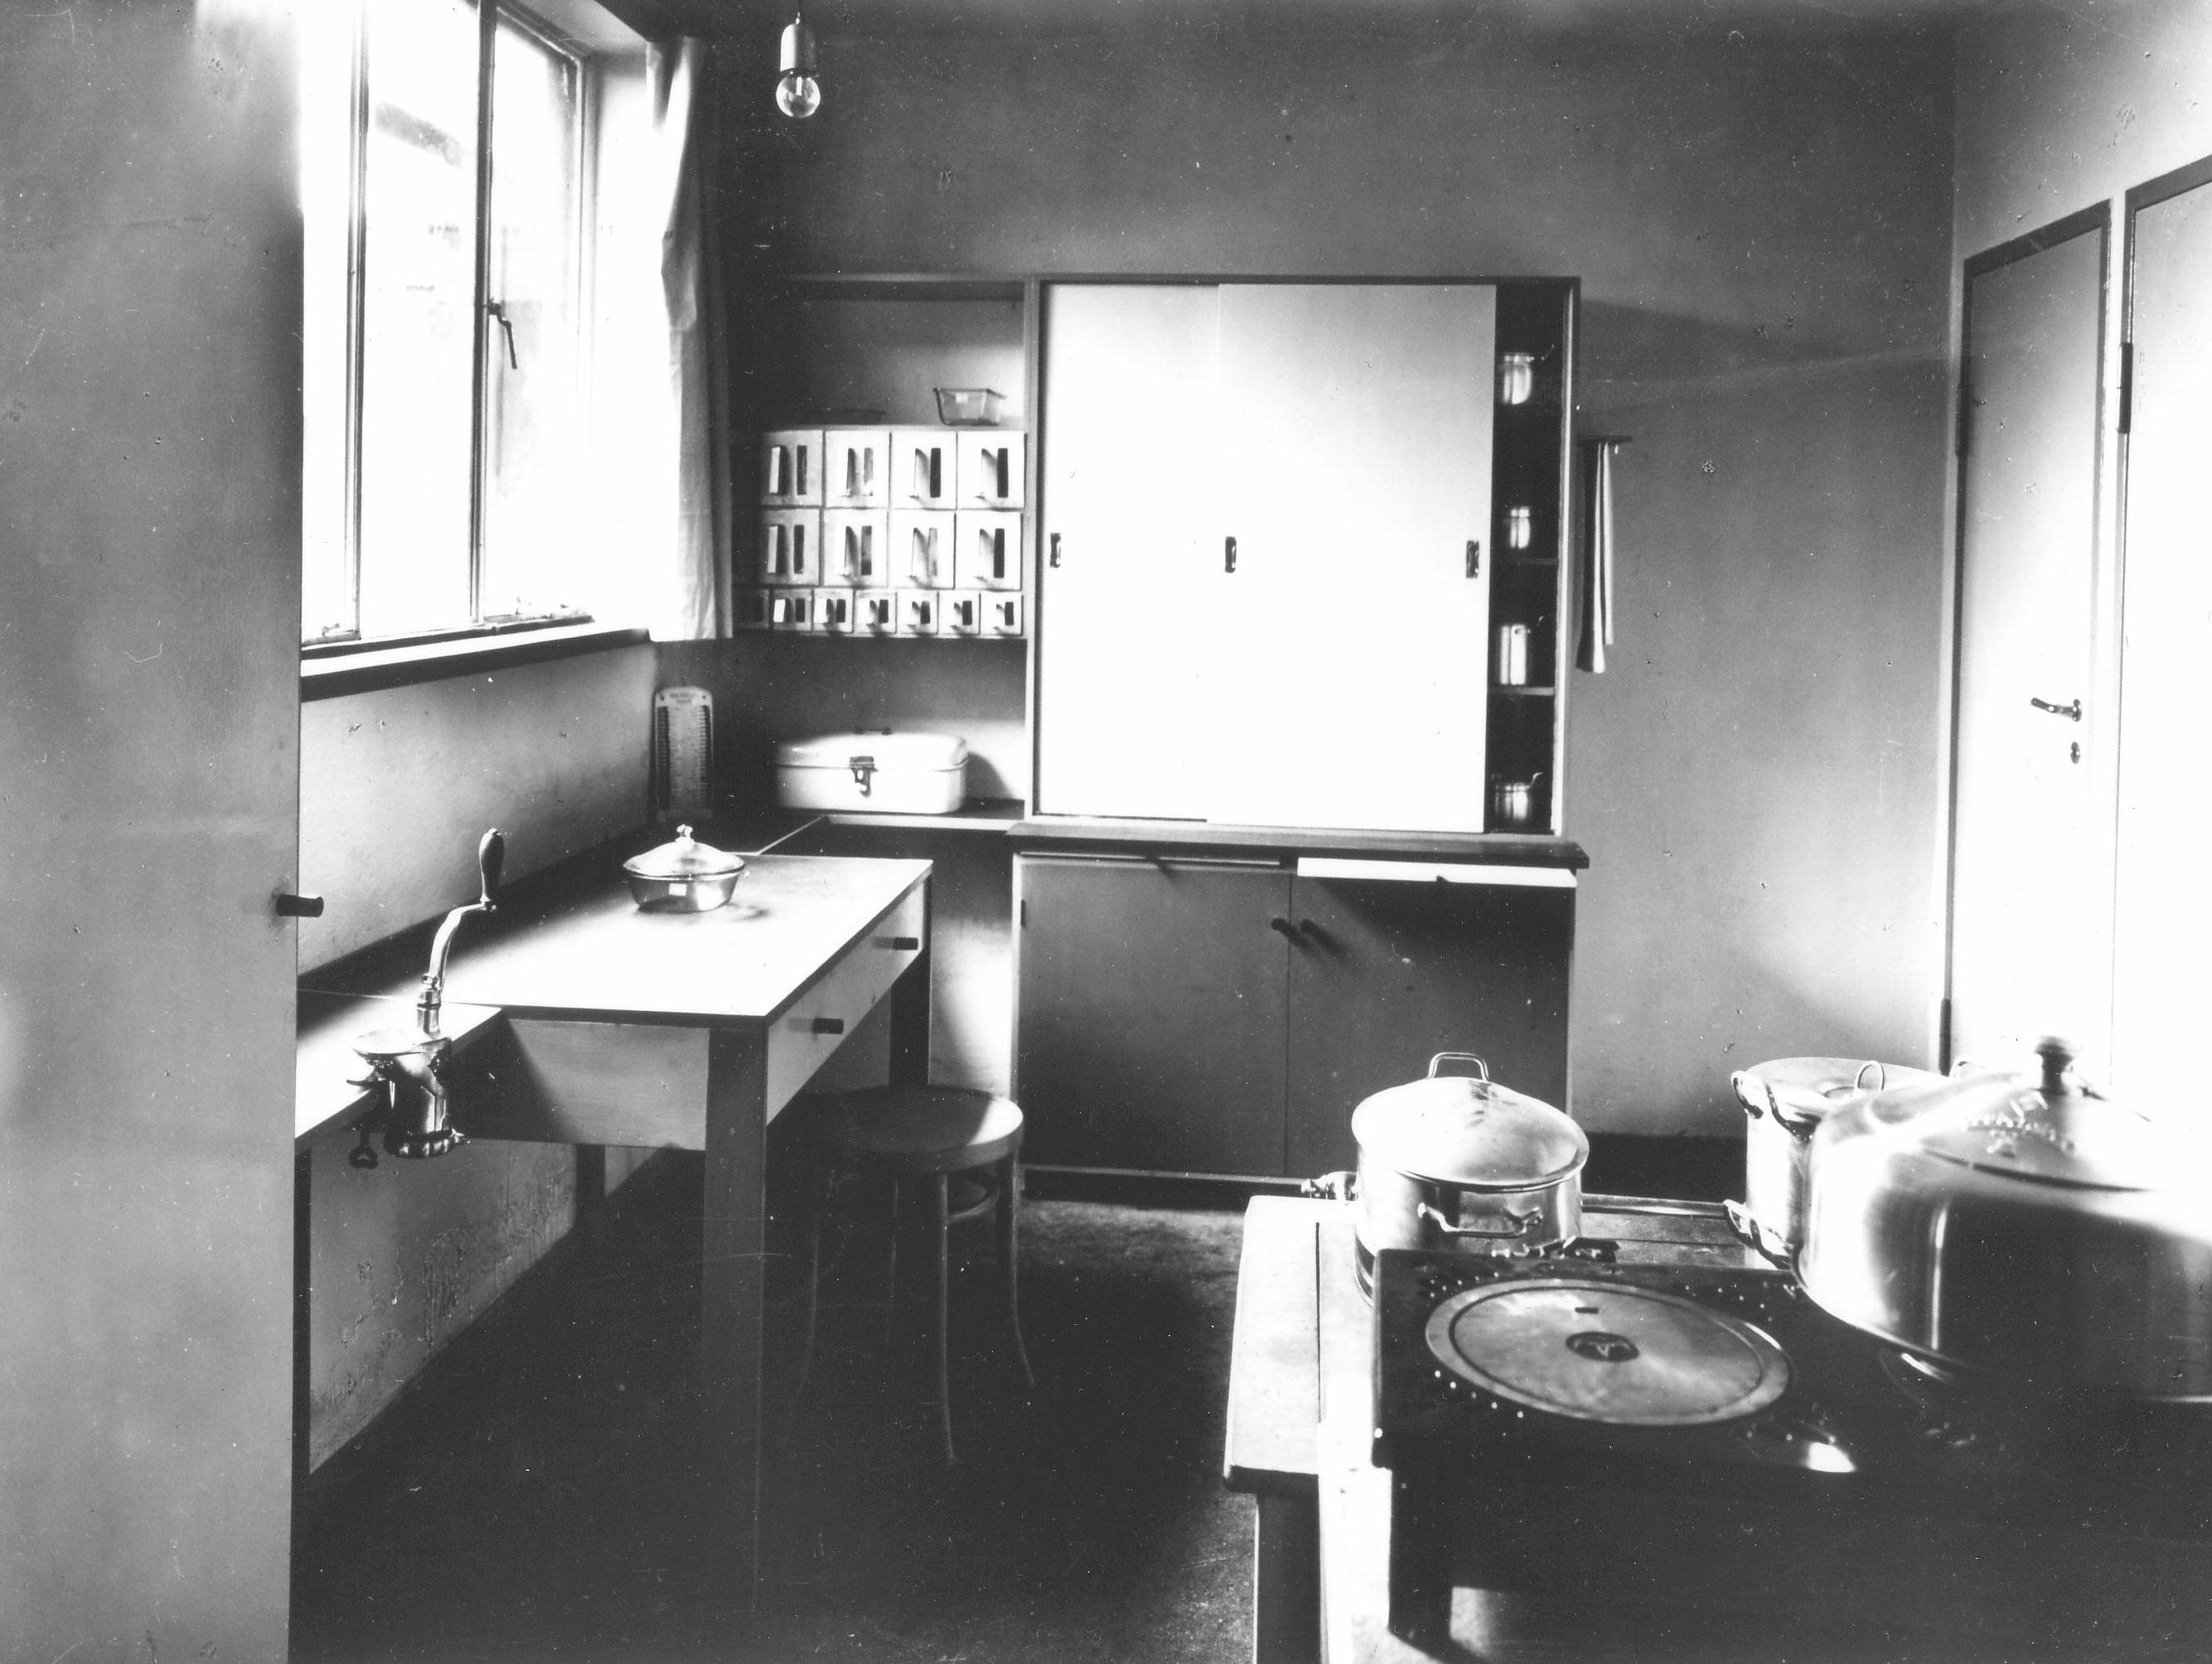 Kche Musterwohnung 1926  BAUHAUS DESSAU